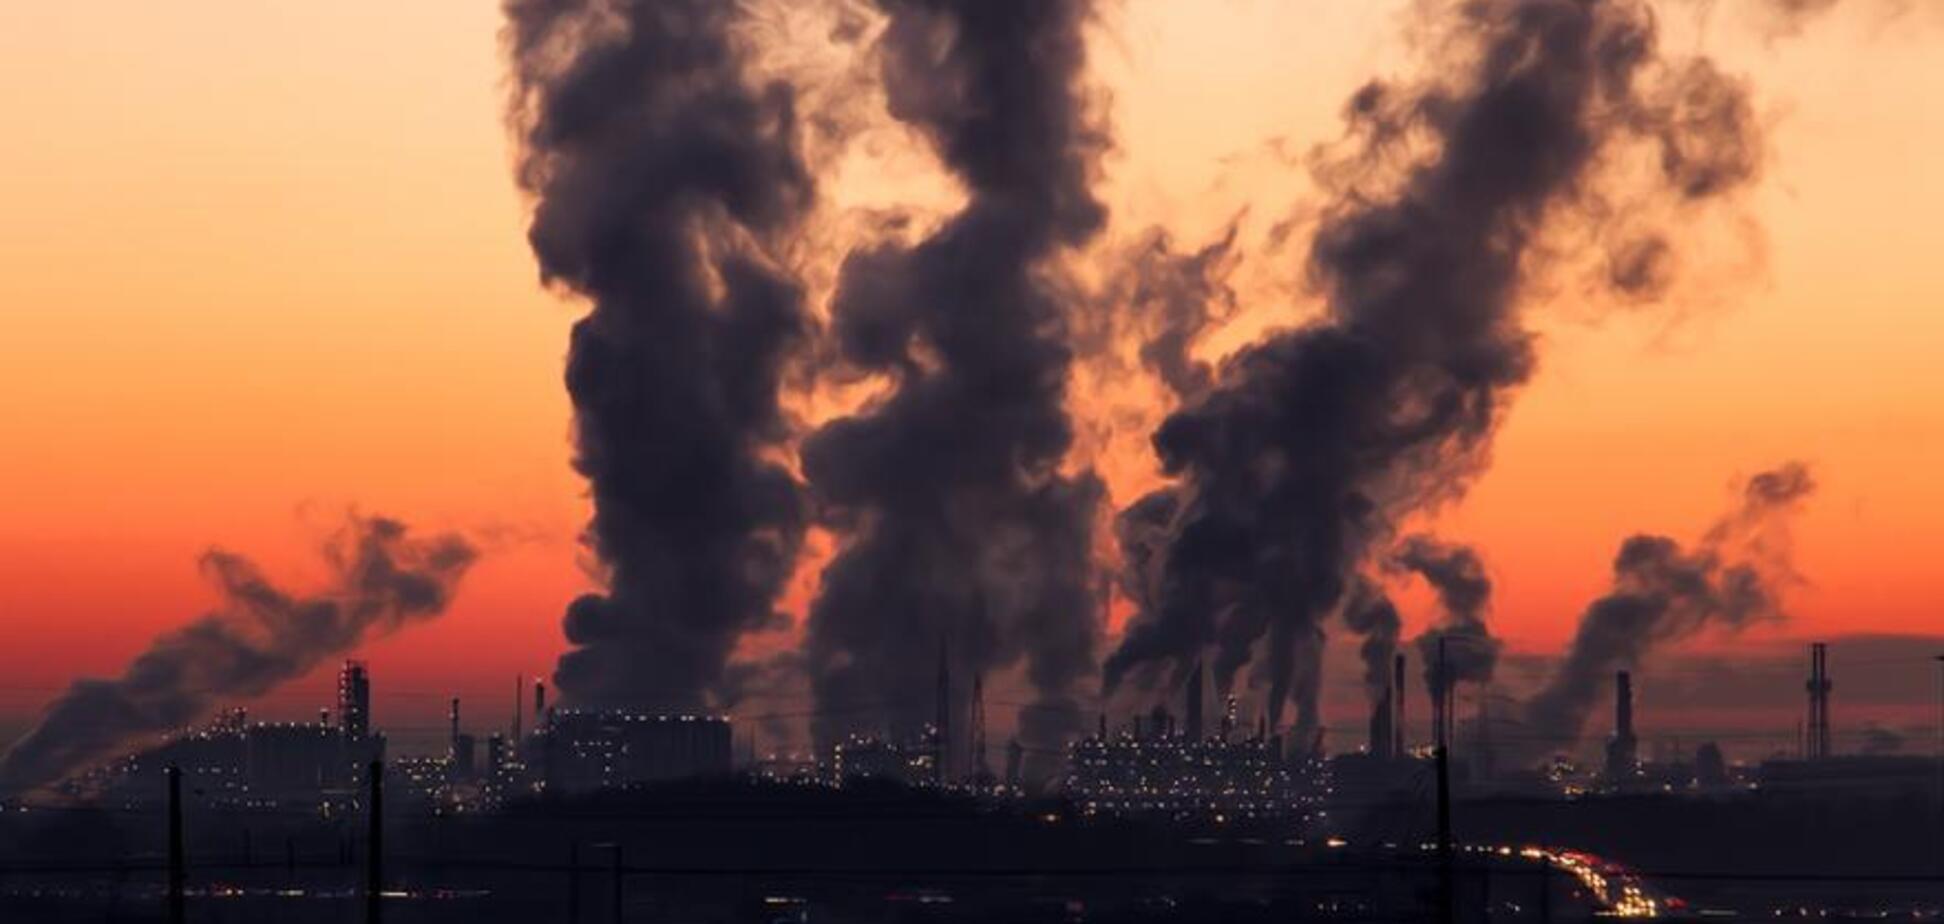 Дніпро лідирує за рівнем забруднення в Україні: причина катастрофічних показників